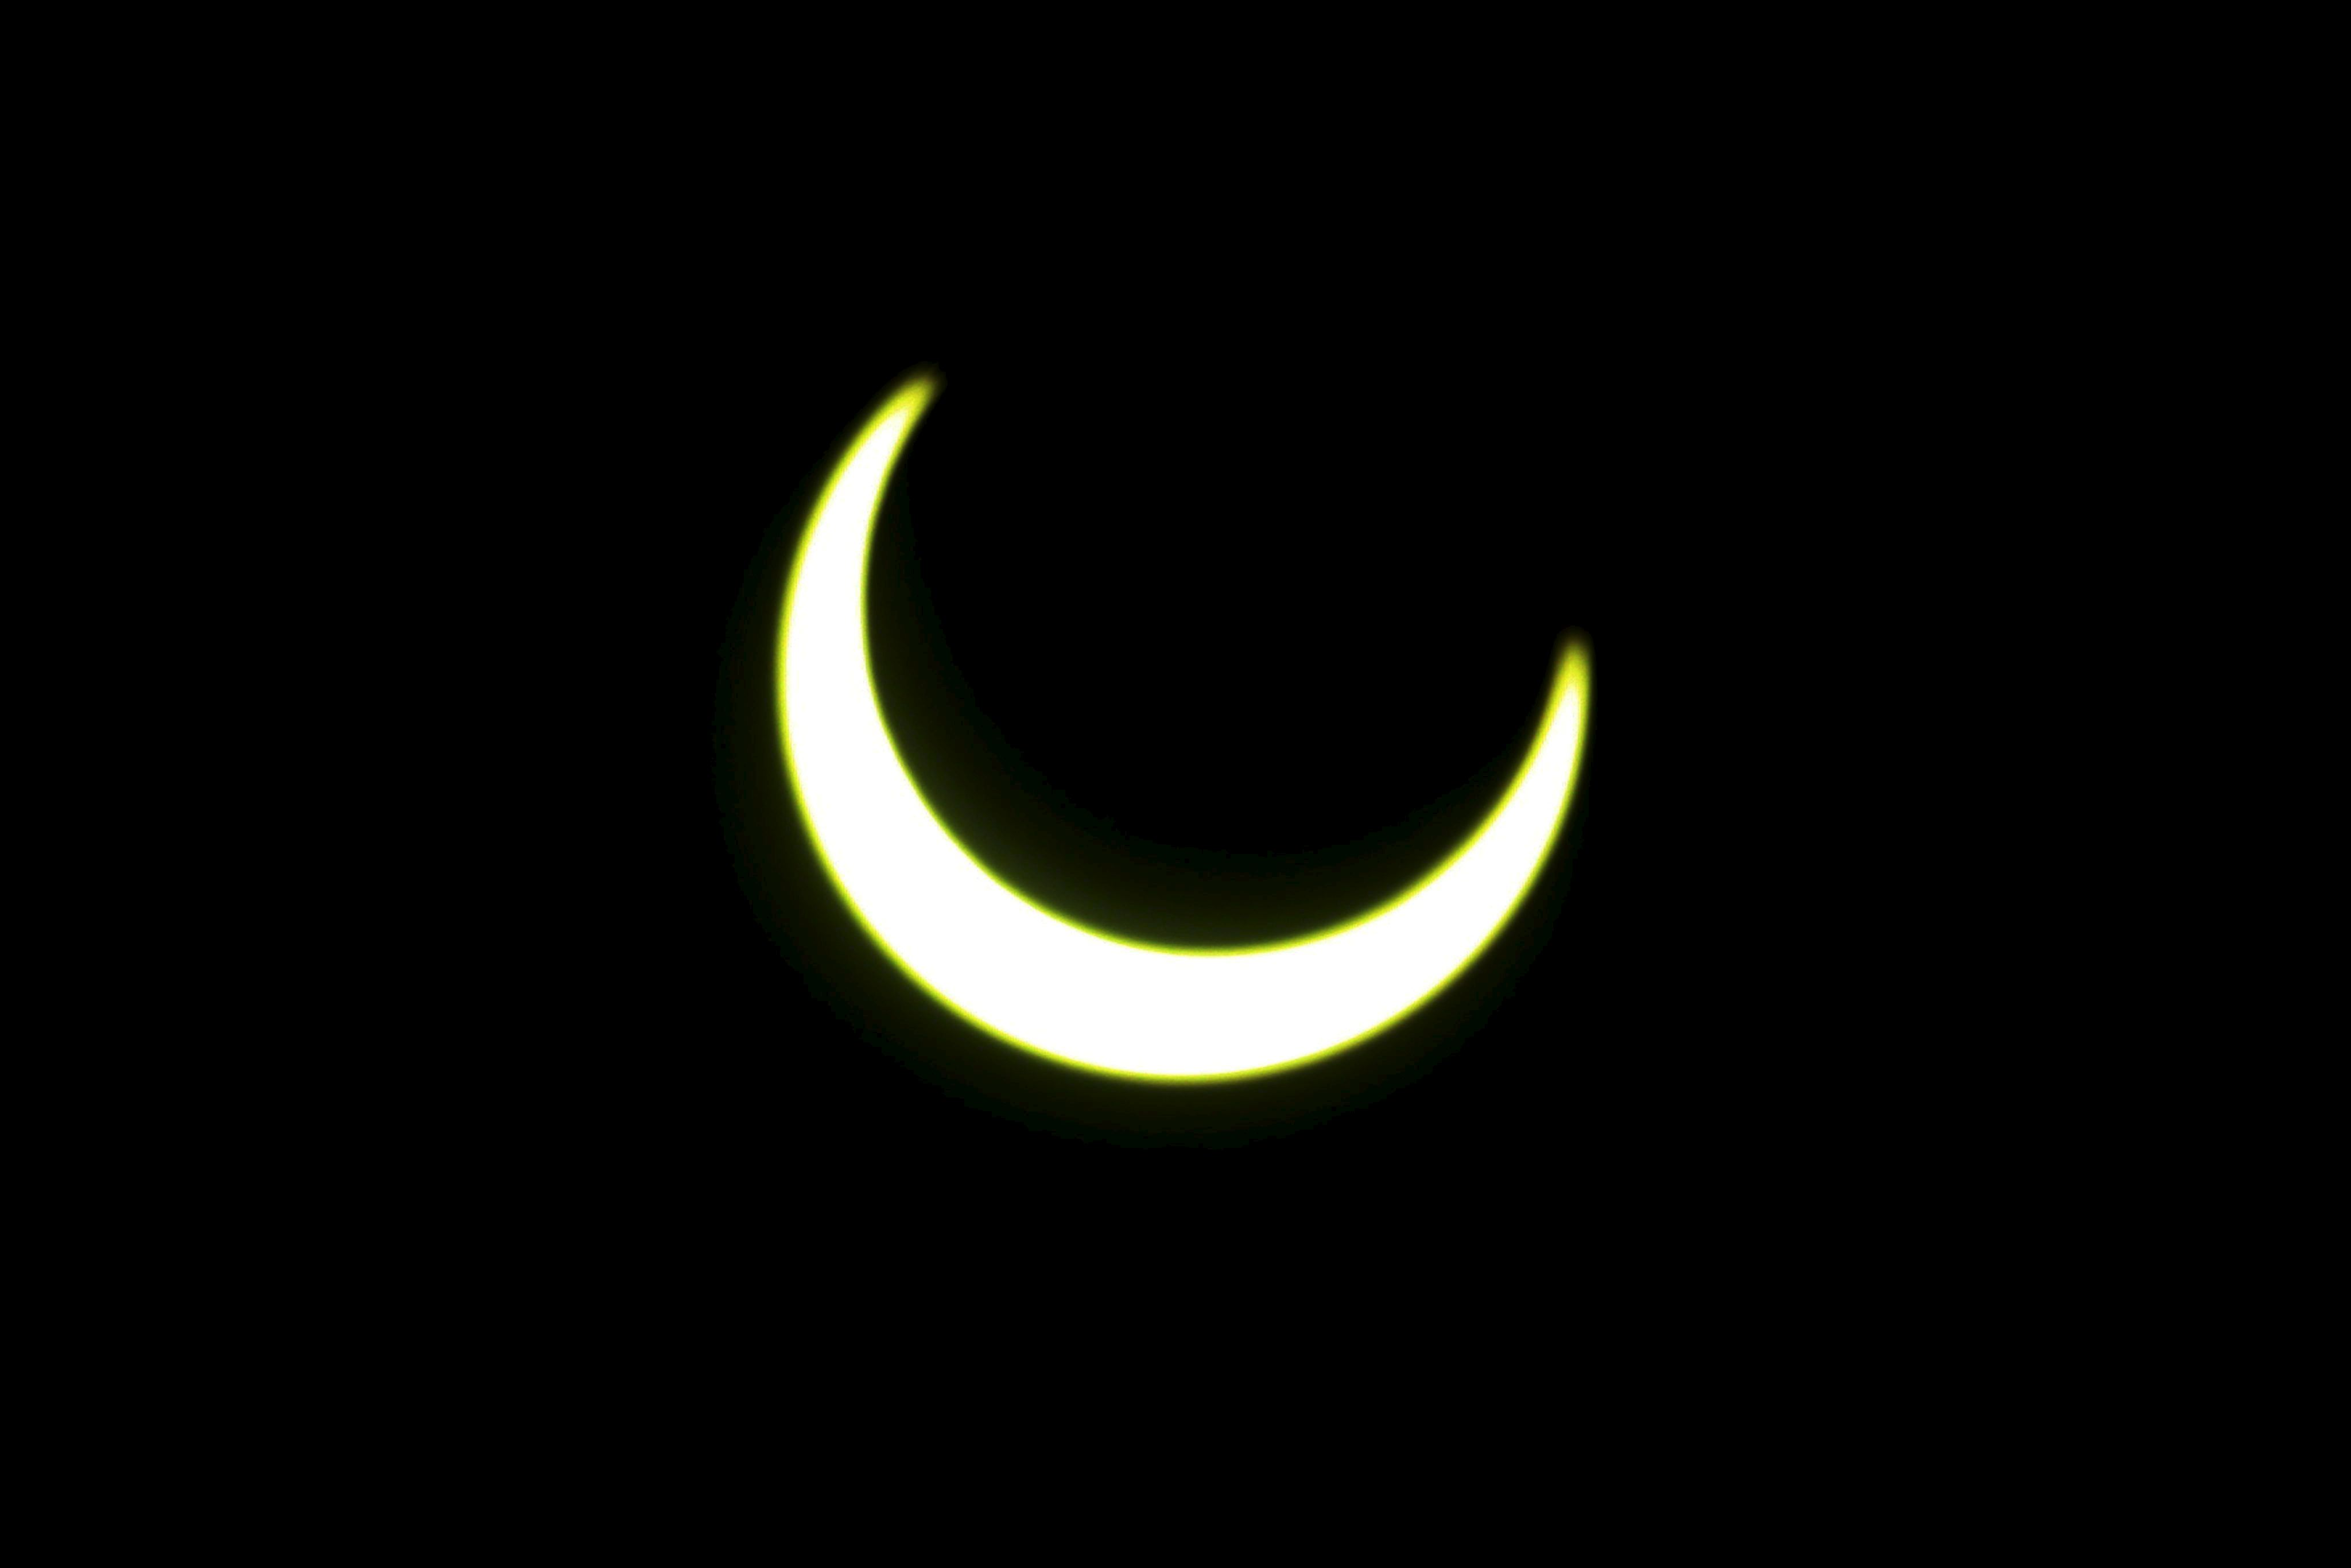 Imagen del eclipse parcial de sol visible desde Sri Lanka y captado desde una azotea en la capital del país, Colombo.